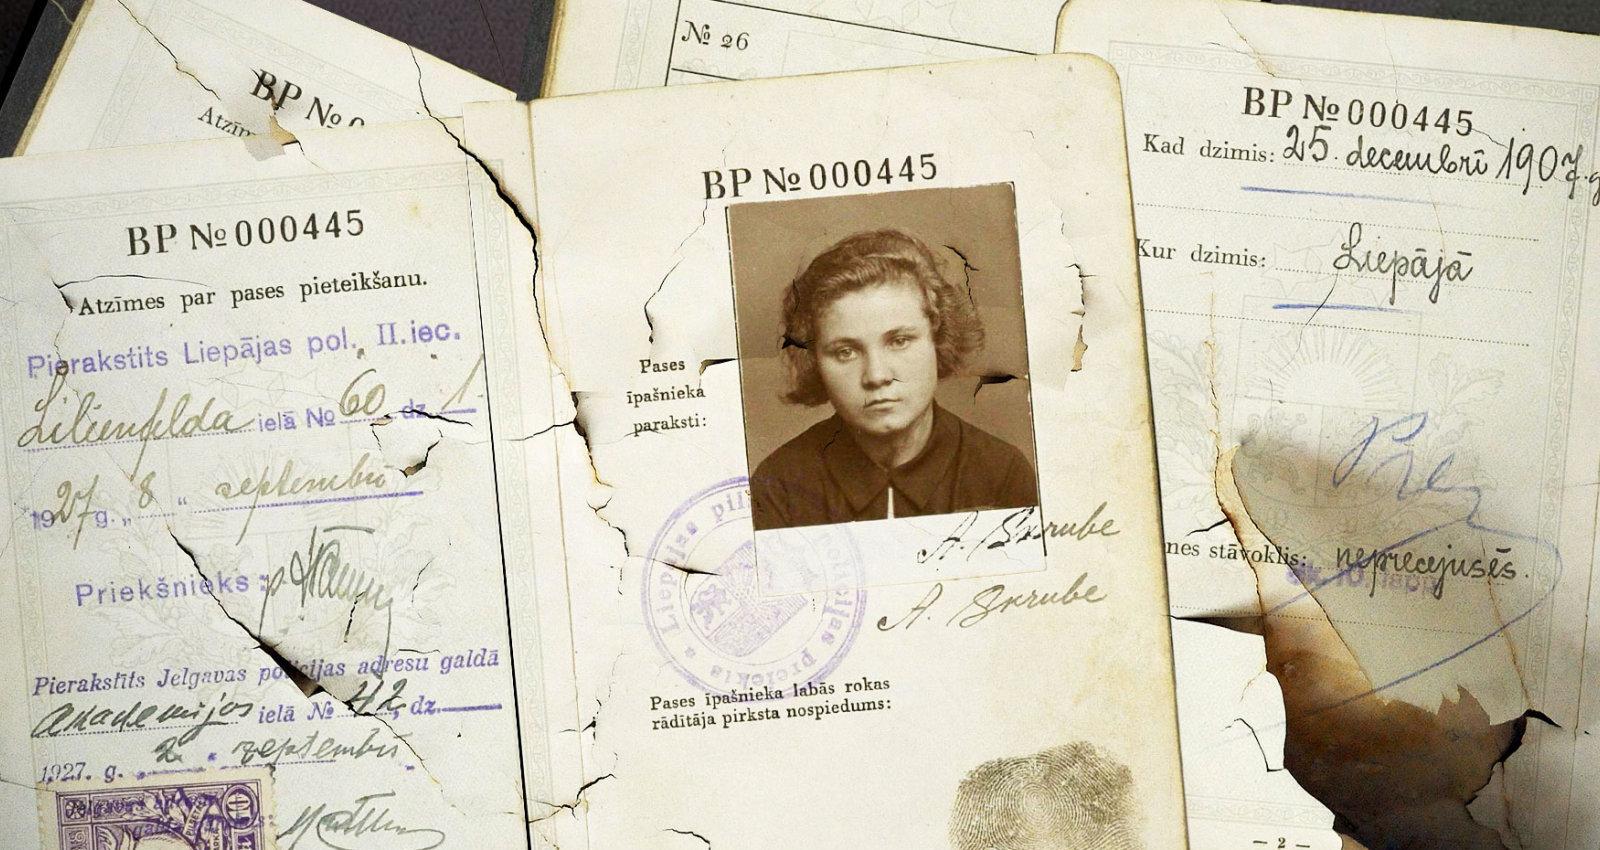 Bērnu glābēja vai bērnības nolaupītāja – Liepājas pionieru evakuāciju joprojām vērtē pretrunīgi